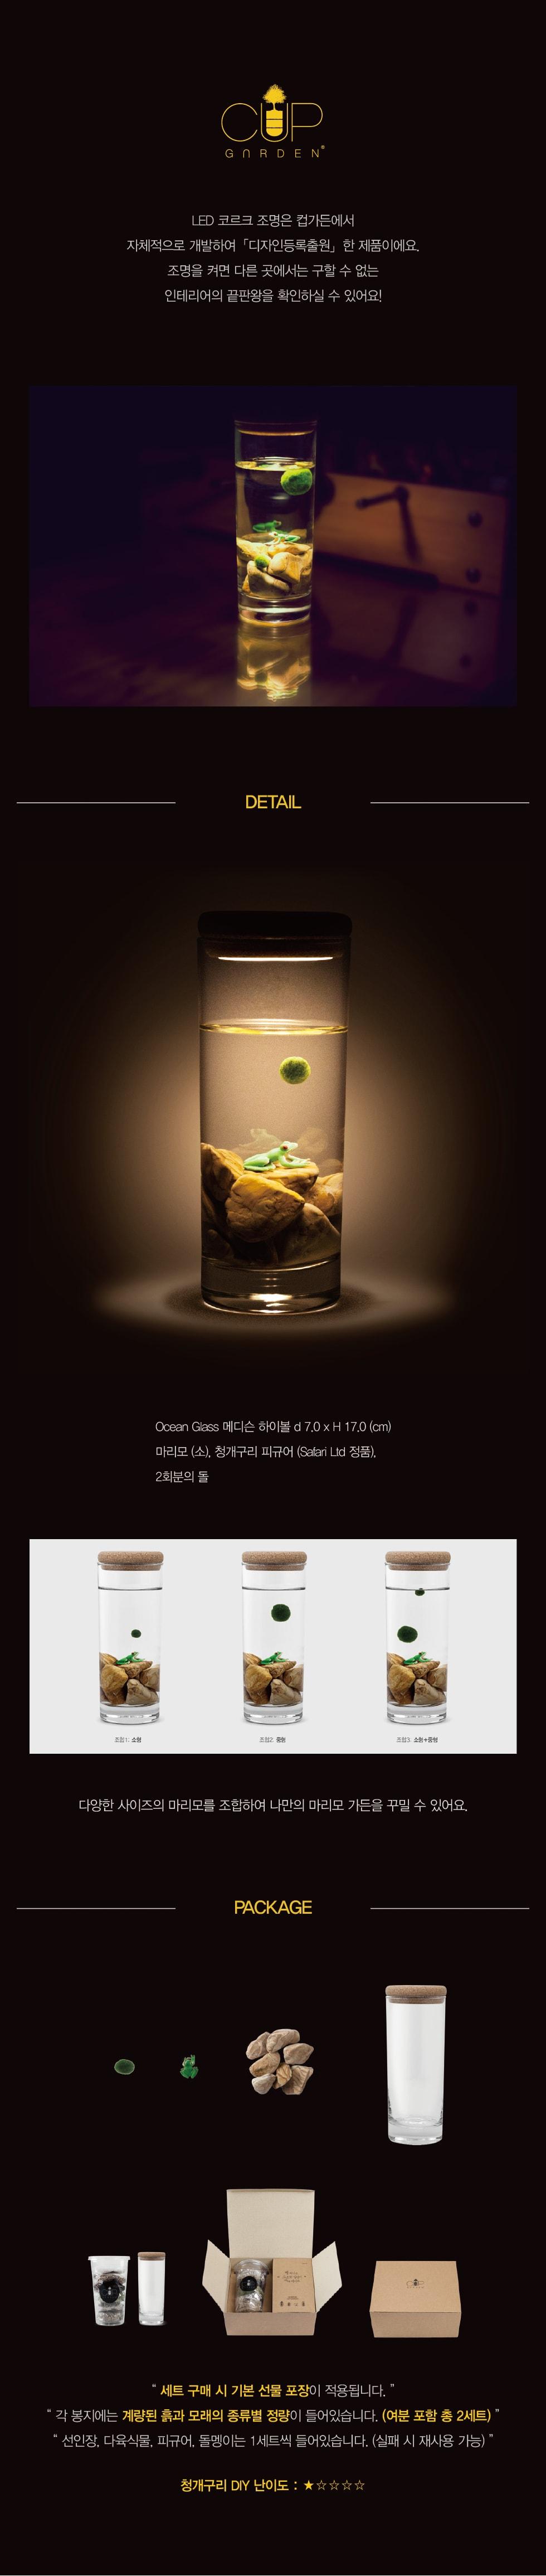 빛가든_청개구리 마리모 - 컵가든, 39,200원, 허브/다육/선인장, 수경식물/에어플란트